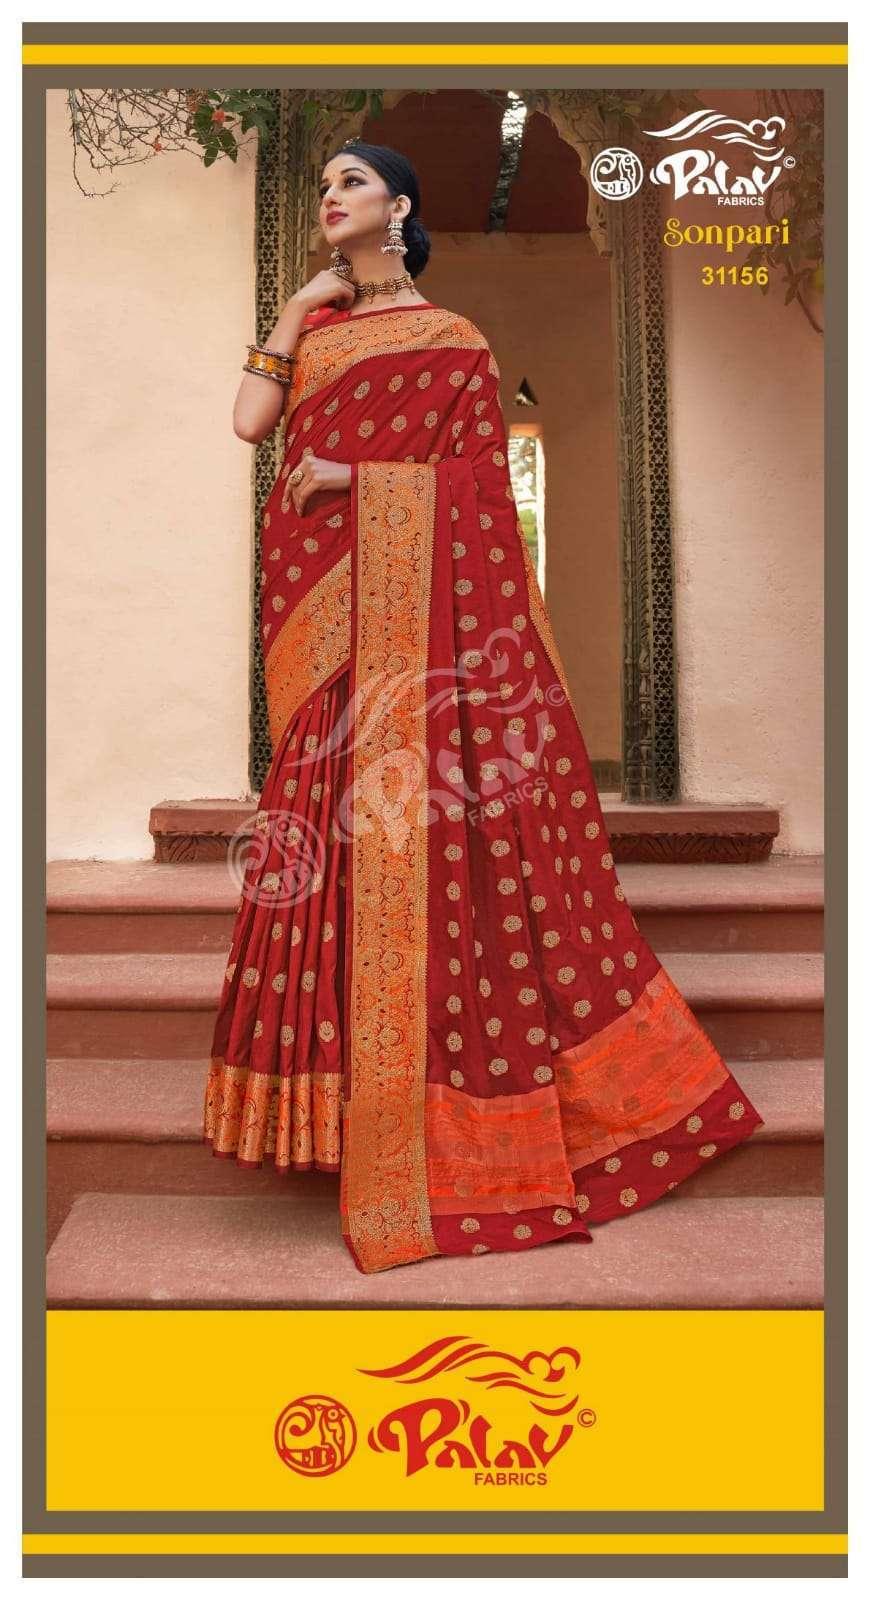 Palav Fabrics Sonpari Silk Traditional Sarees Collection 02